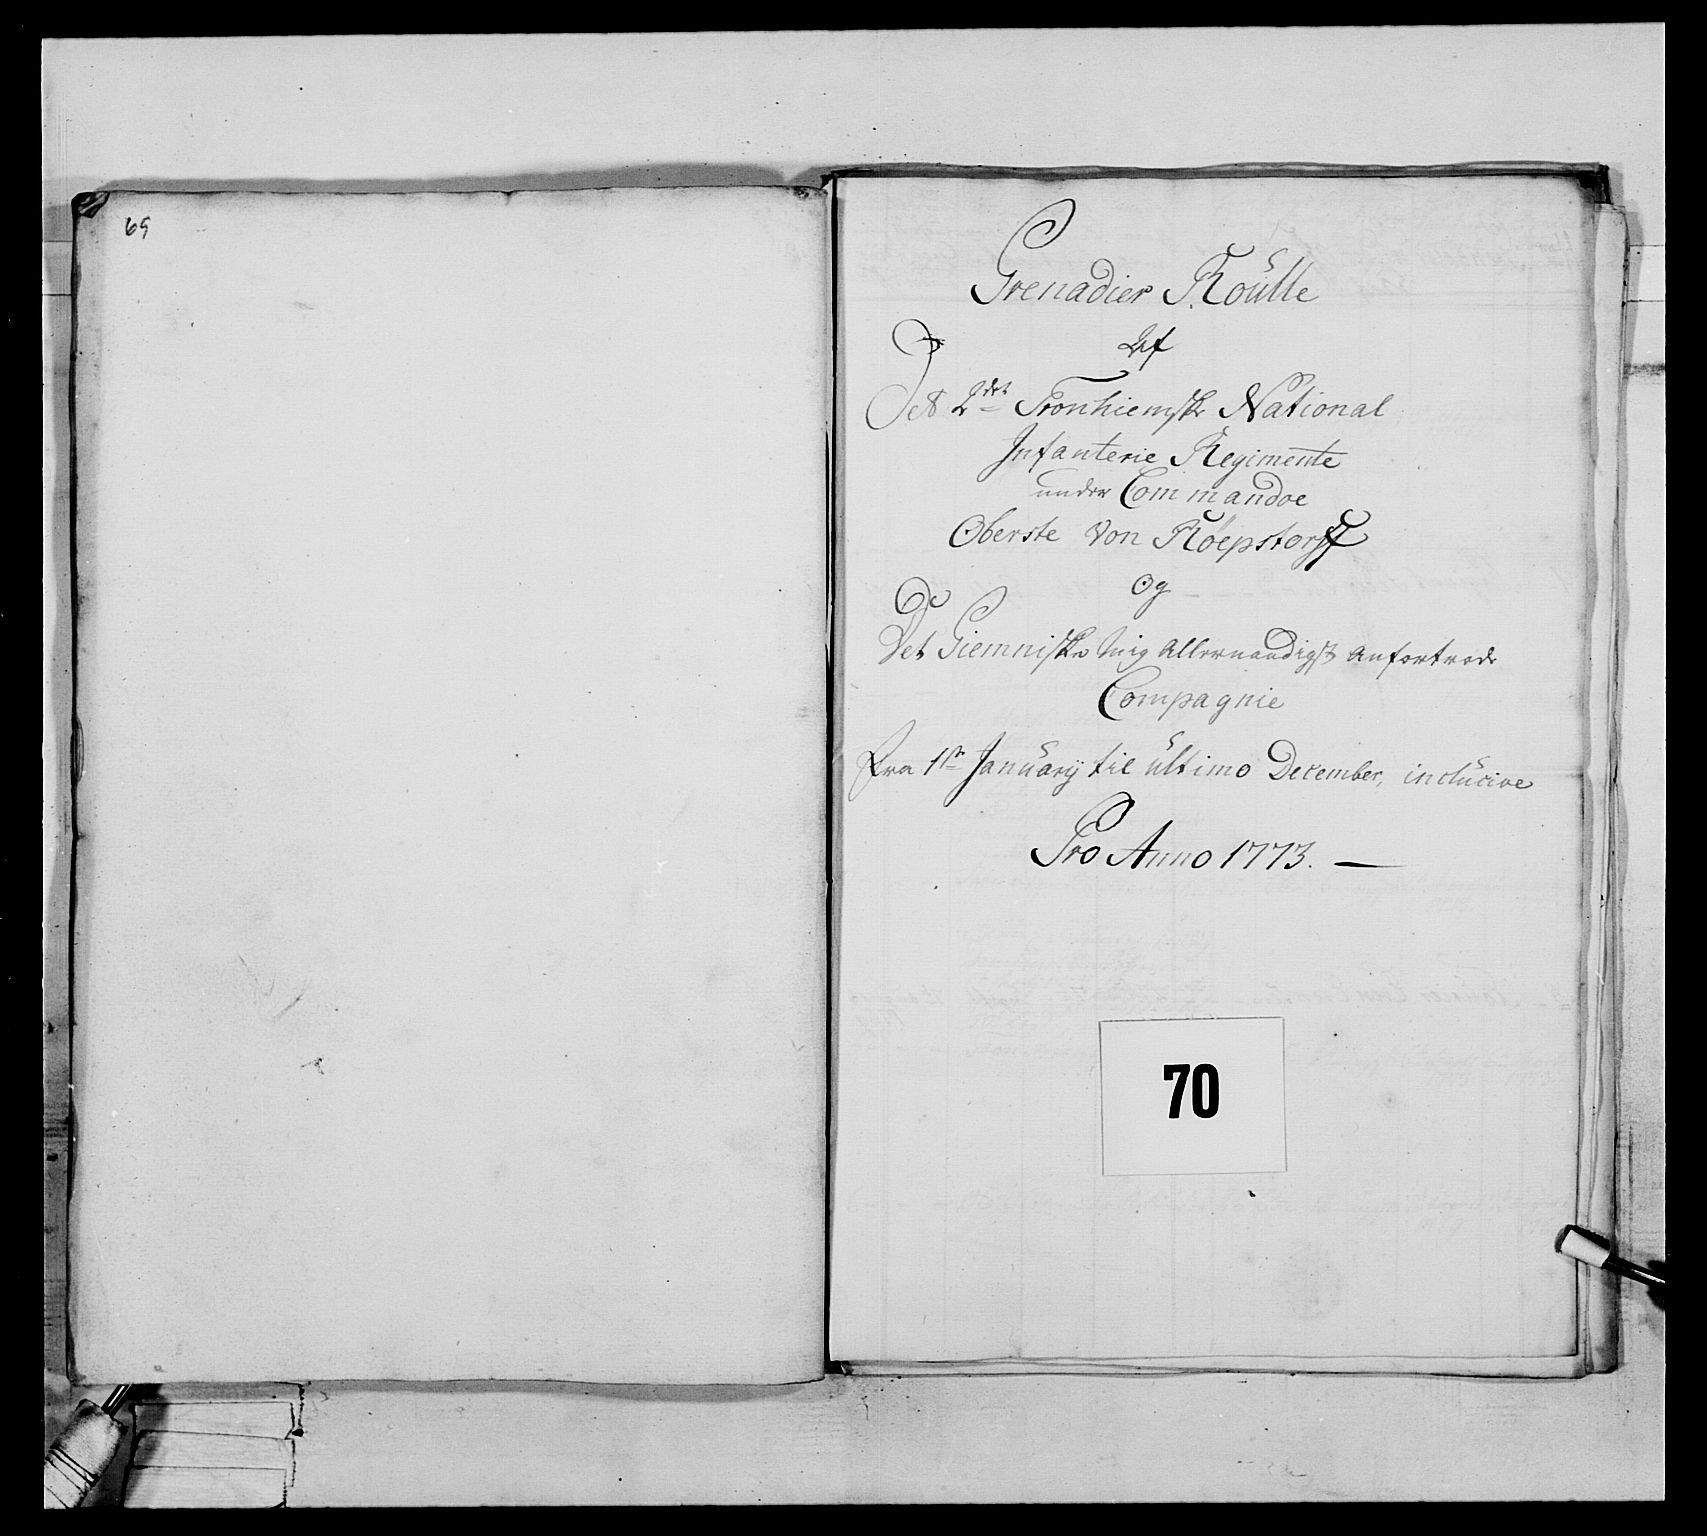 RA, Generalitets- og kommissariatskollegiet, Det kongelige norske kommissariatskollegium, E/Eh/L0076: 2. Trondheimske nasjonale infanteriregiment, 1766-1773, s. 305